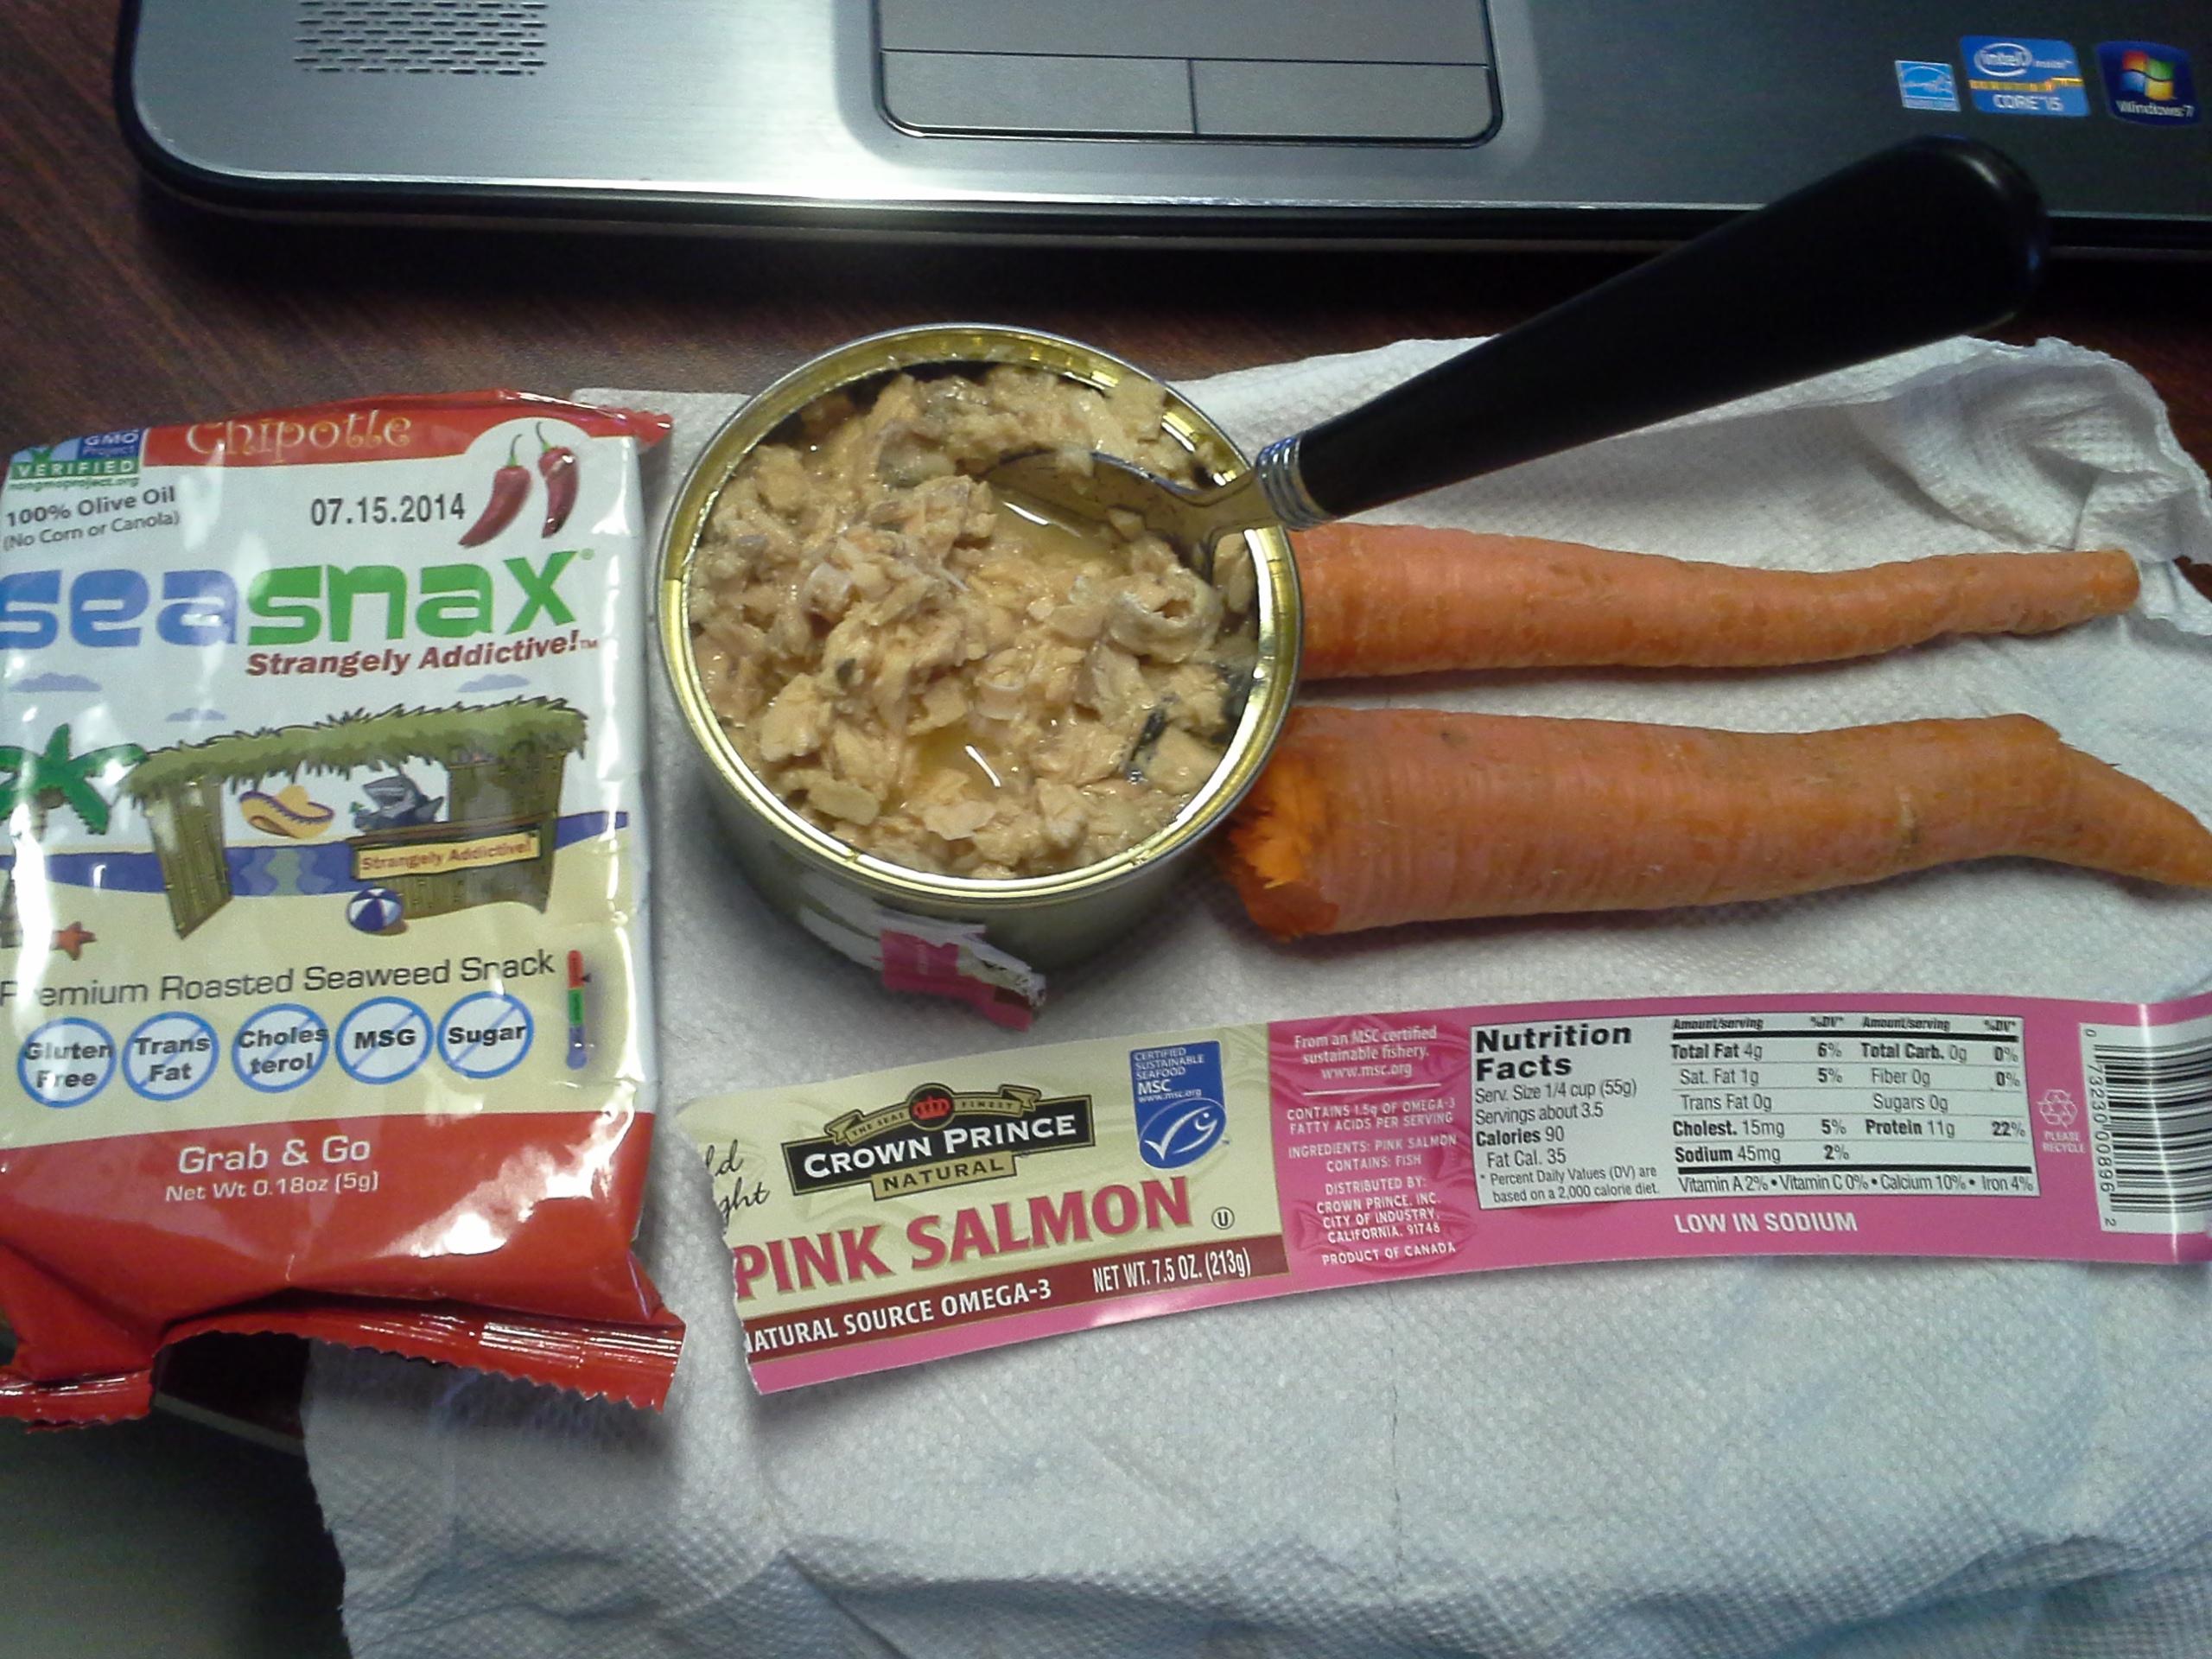 Lunch: 4:15 p.m. | 7.5 oz. salmon, 2 carrots, .18 oz. chipotle SeaSnax seaweed, 5,000 IU Vitamin D capsule, Calcium/Magnesium/Zinc caplet